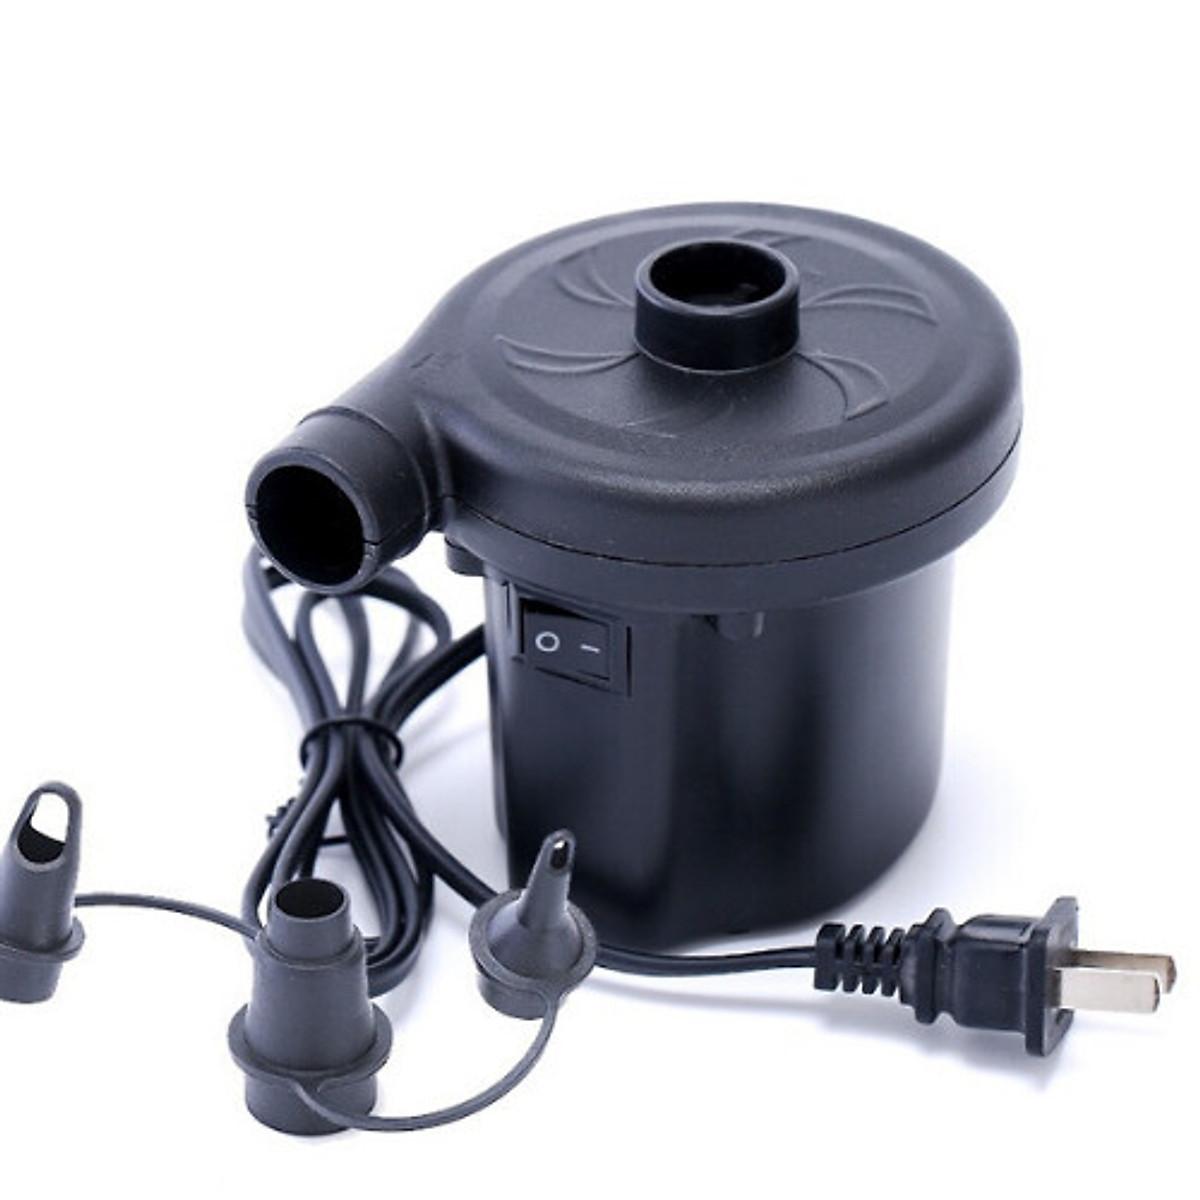 Bơm điện 2 chiều thổi, hút chân không chuyên dụng để bơm phao bơi, ghế, nệm hơi......